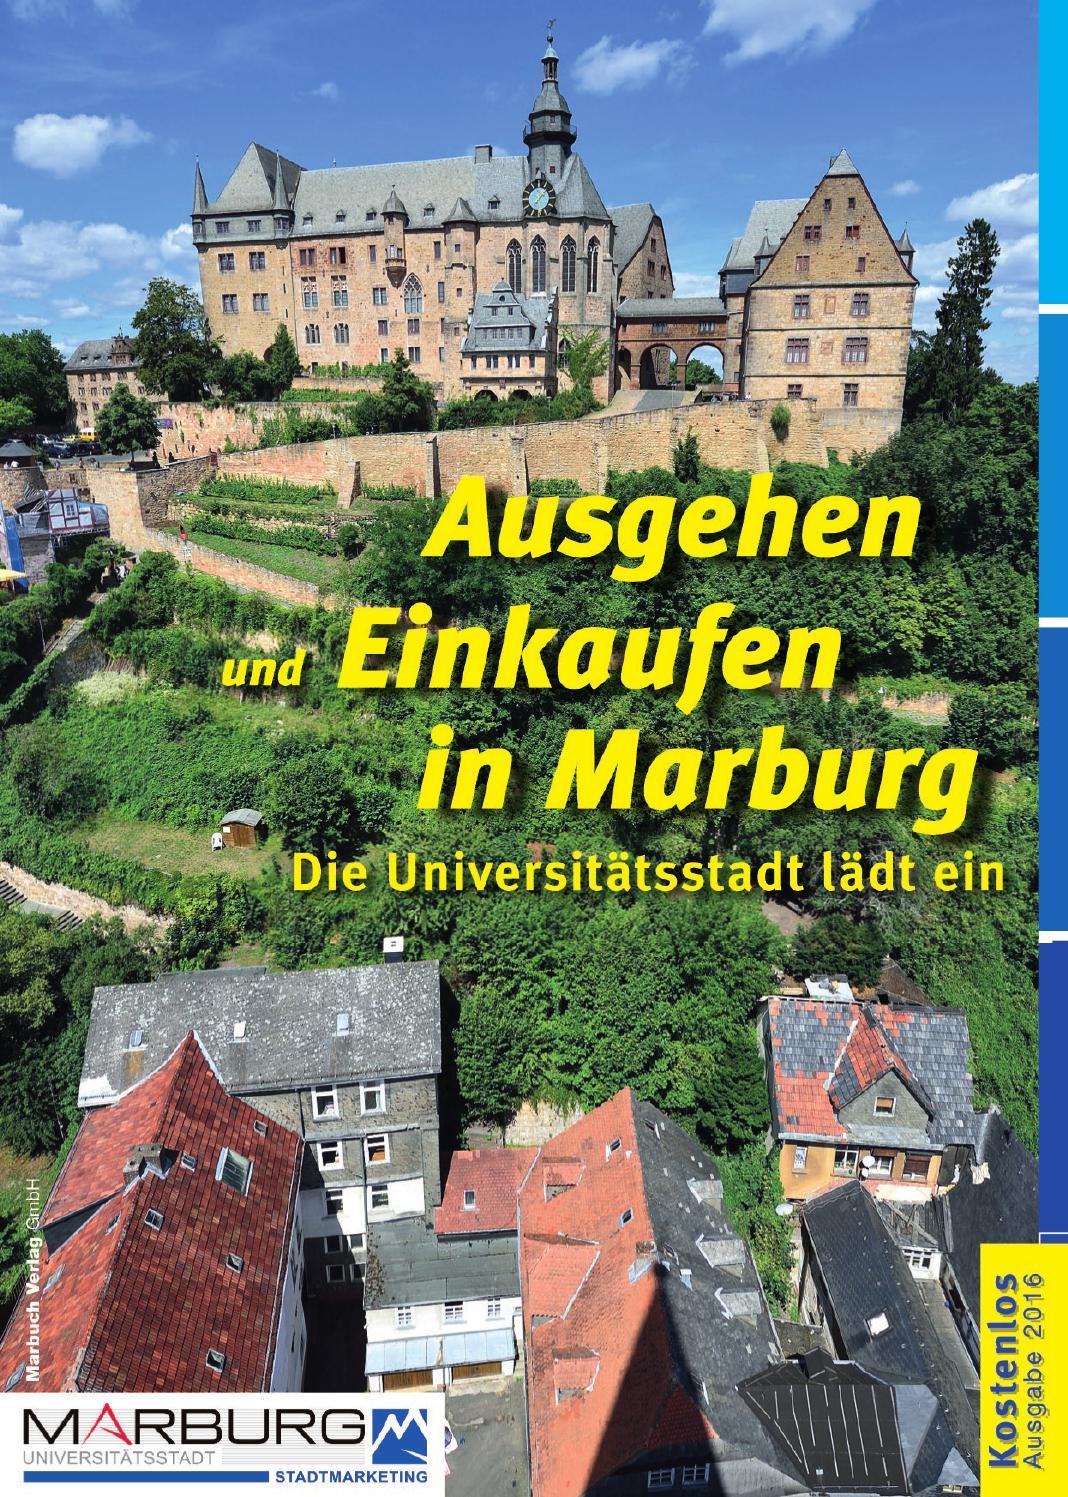 Ausgehen und Einkaufen in Marburg 2016 by Ulrich Butterweck - issuu